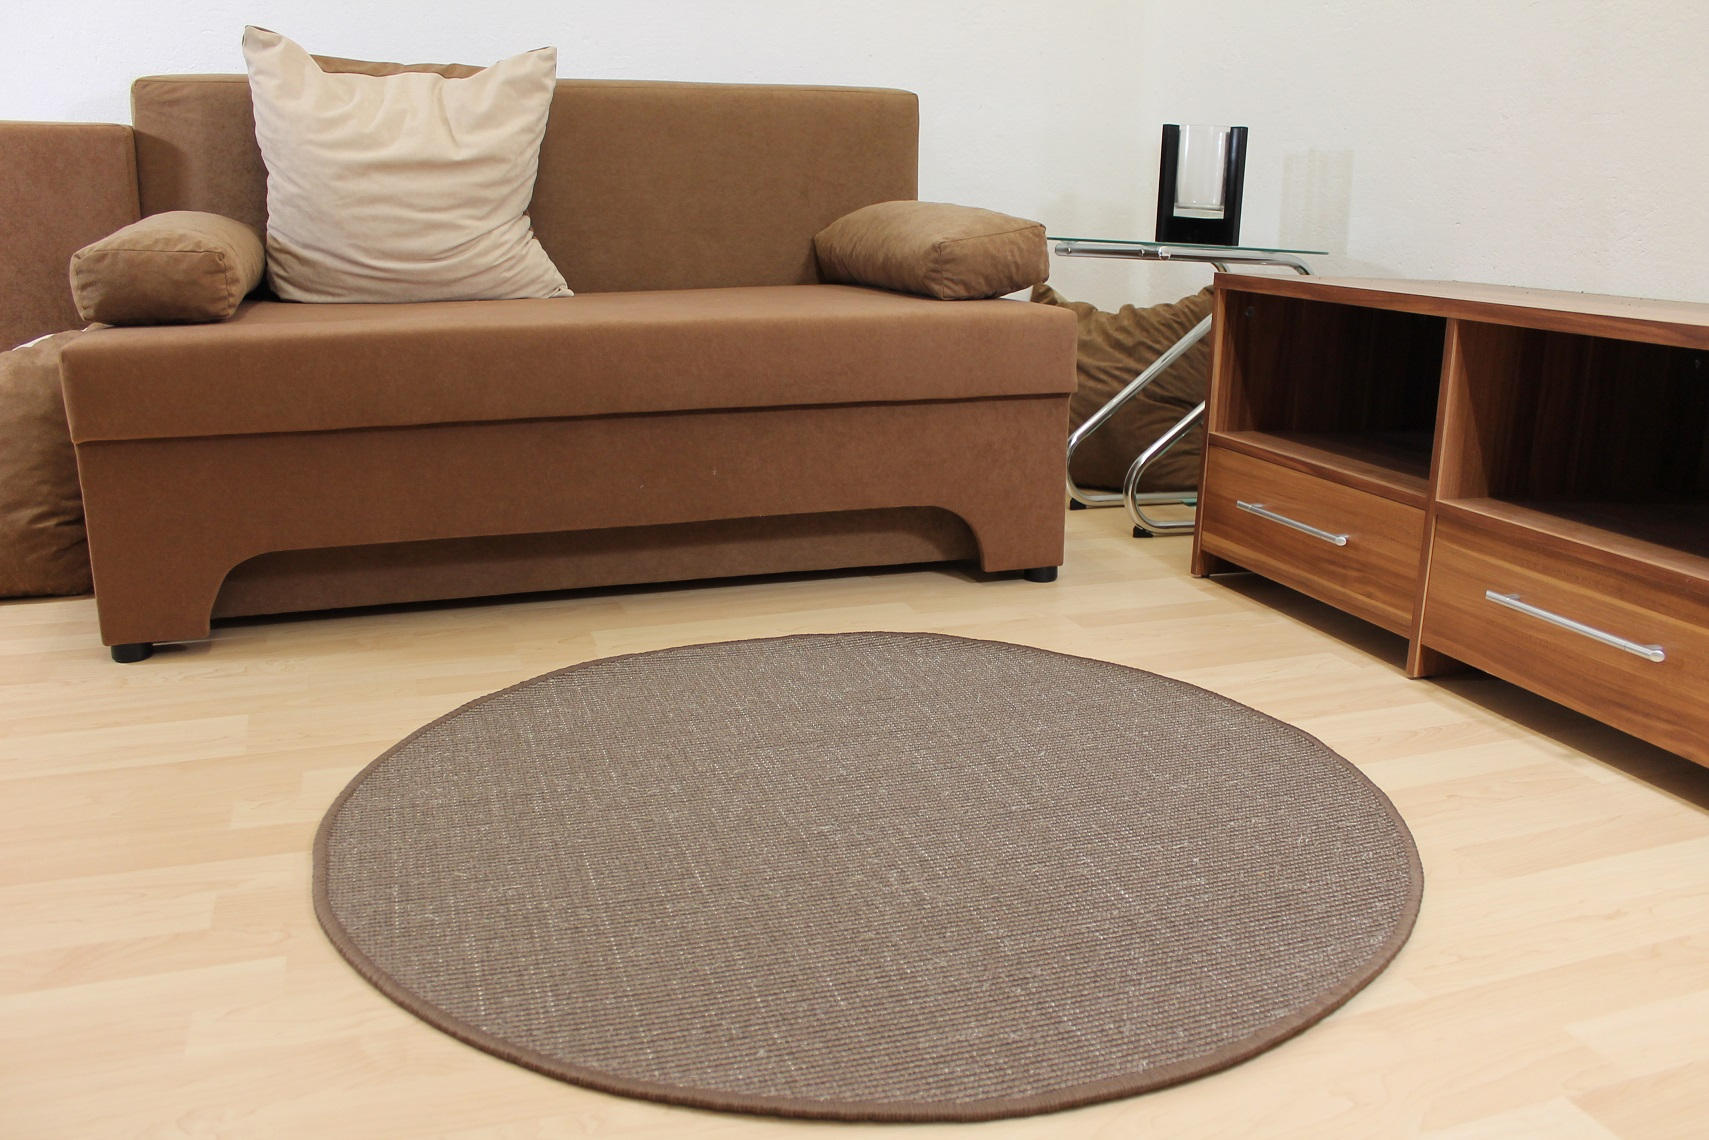 teppich rund beige trend shaggy langflor teppich 660 beige 250 cm rund neu teppich soft. Black Bedroom Furniture Sets. Home Design Ideas